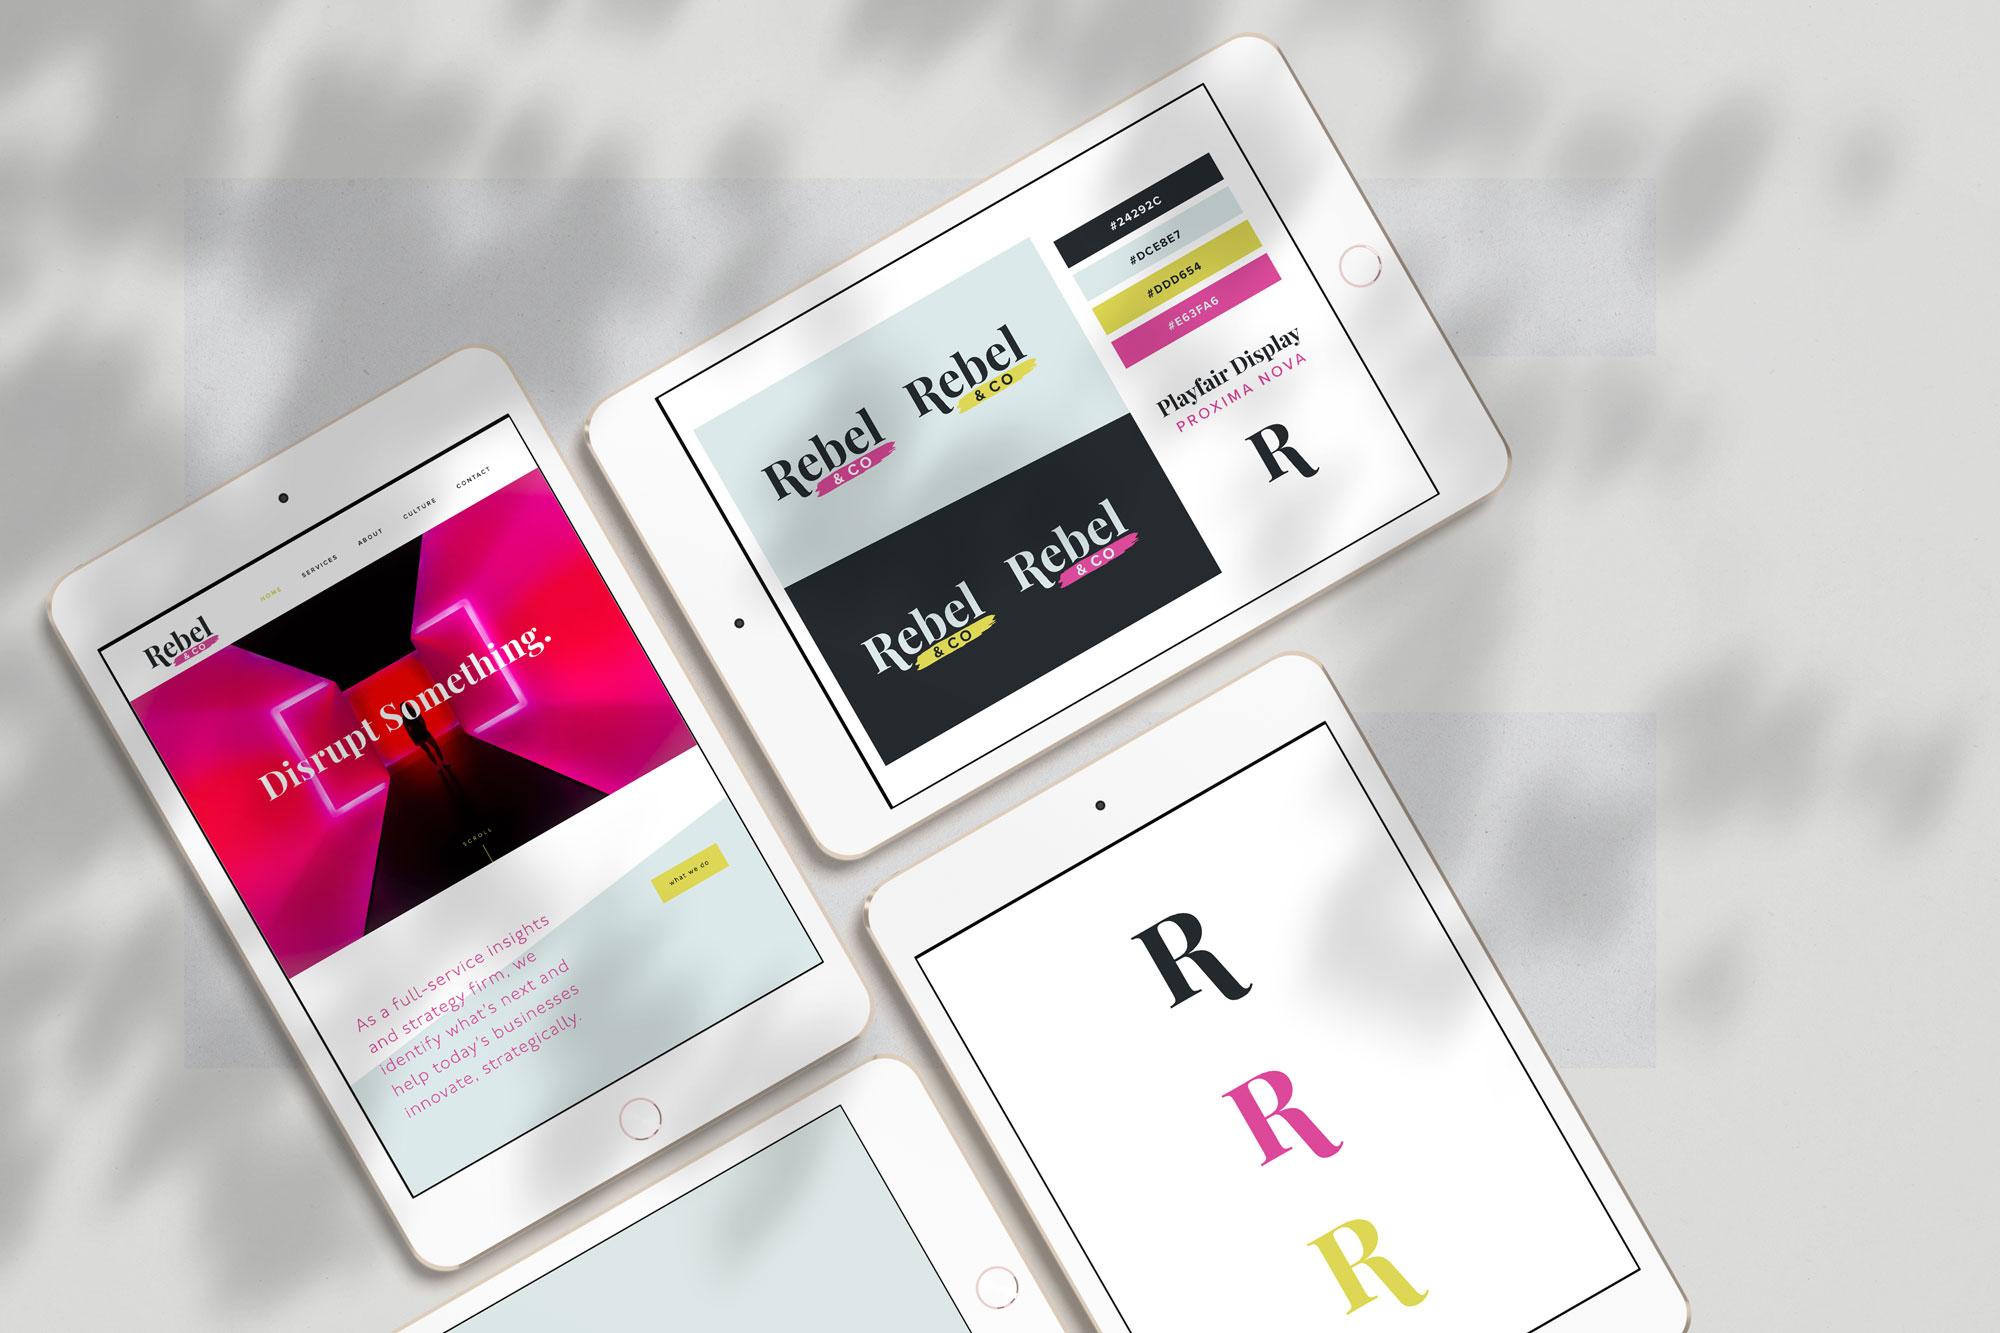 iPad-combined.jpg